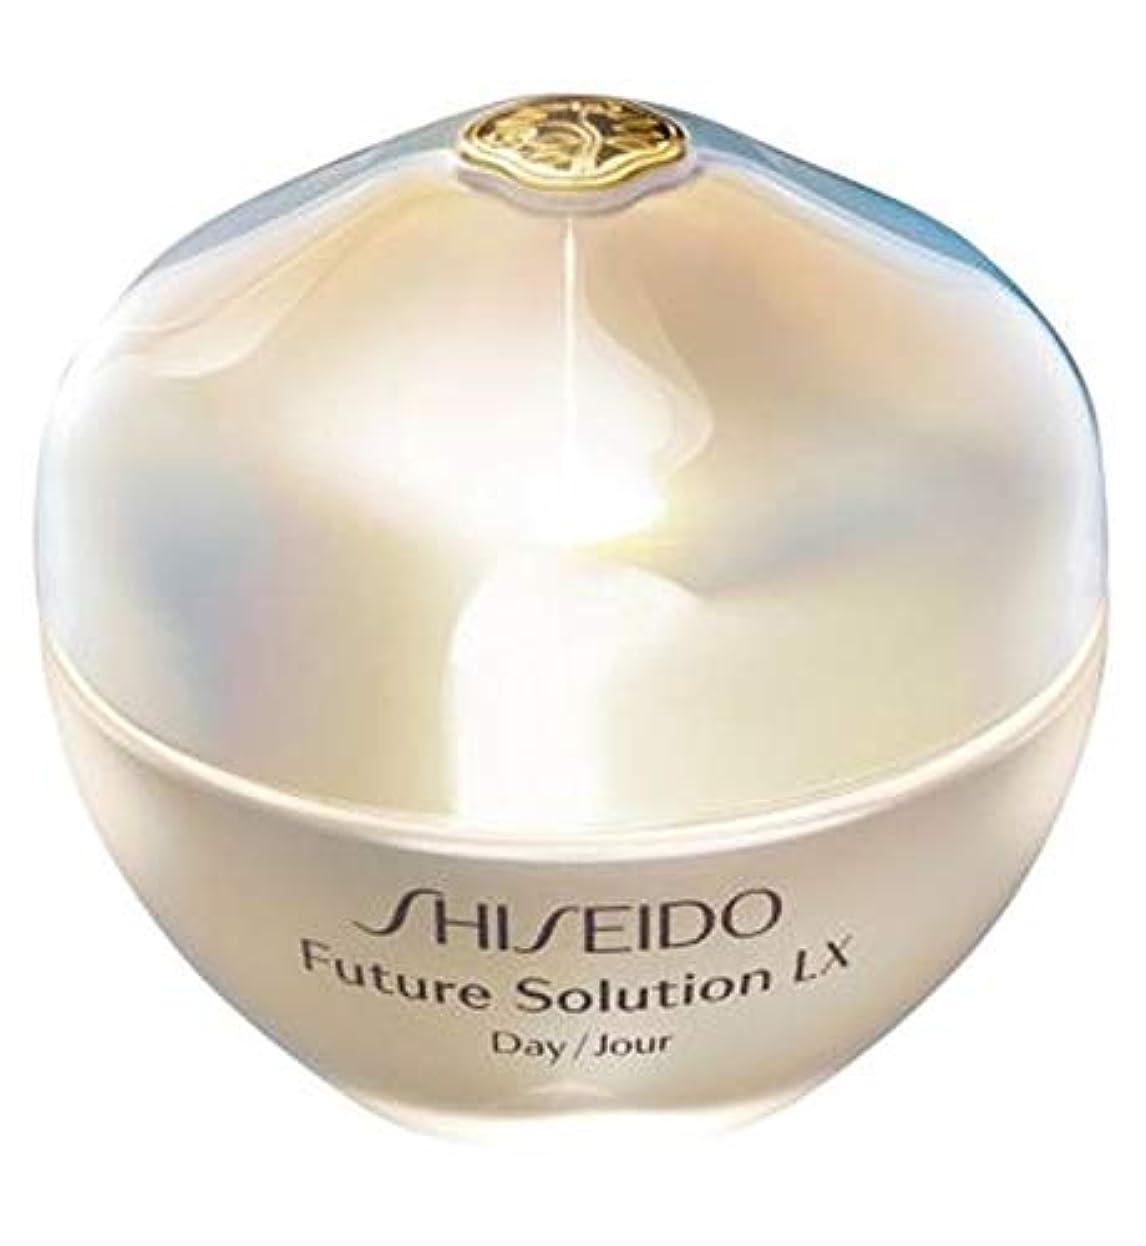 教え長々と羨望[Shiseido] 資生堂フューチャーソリューションLxトータルに保護クリームSpf 18 - Shiseido Future Solution Lx Total Protective Cream Spf 18 [並行輸入品]